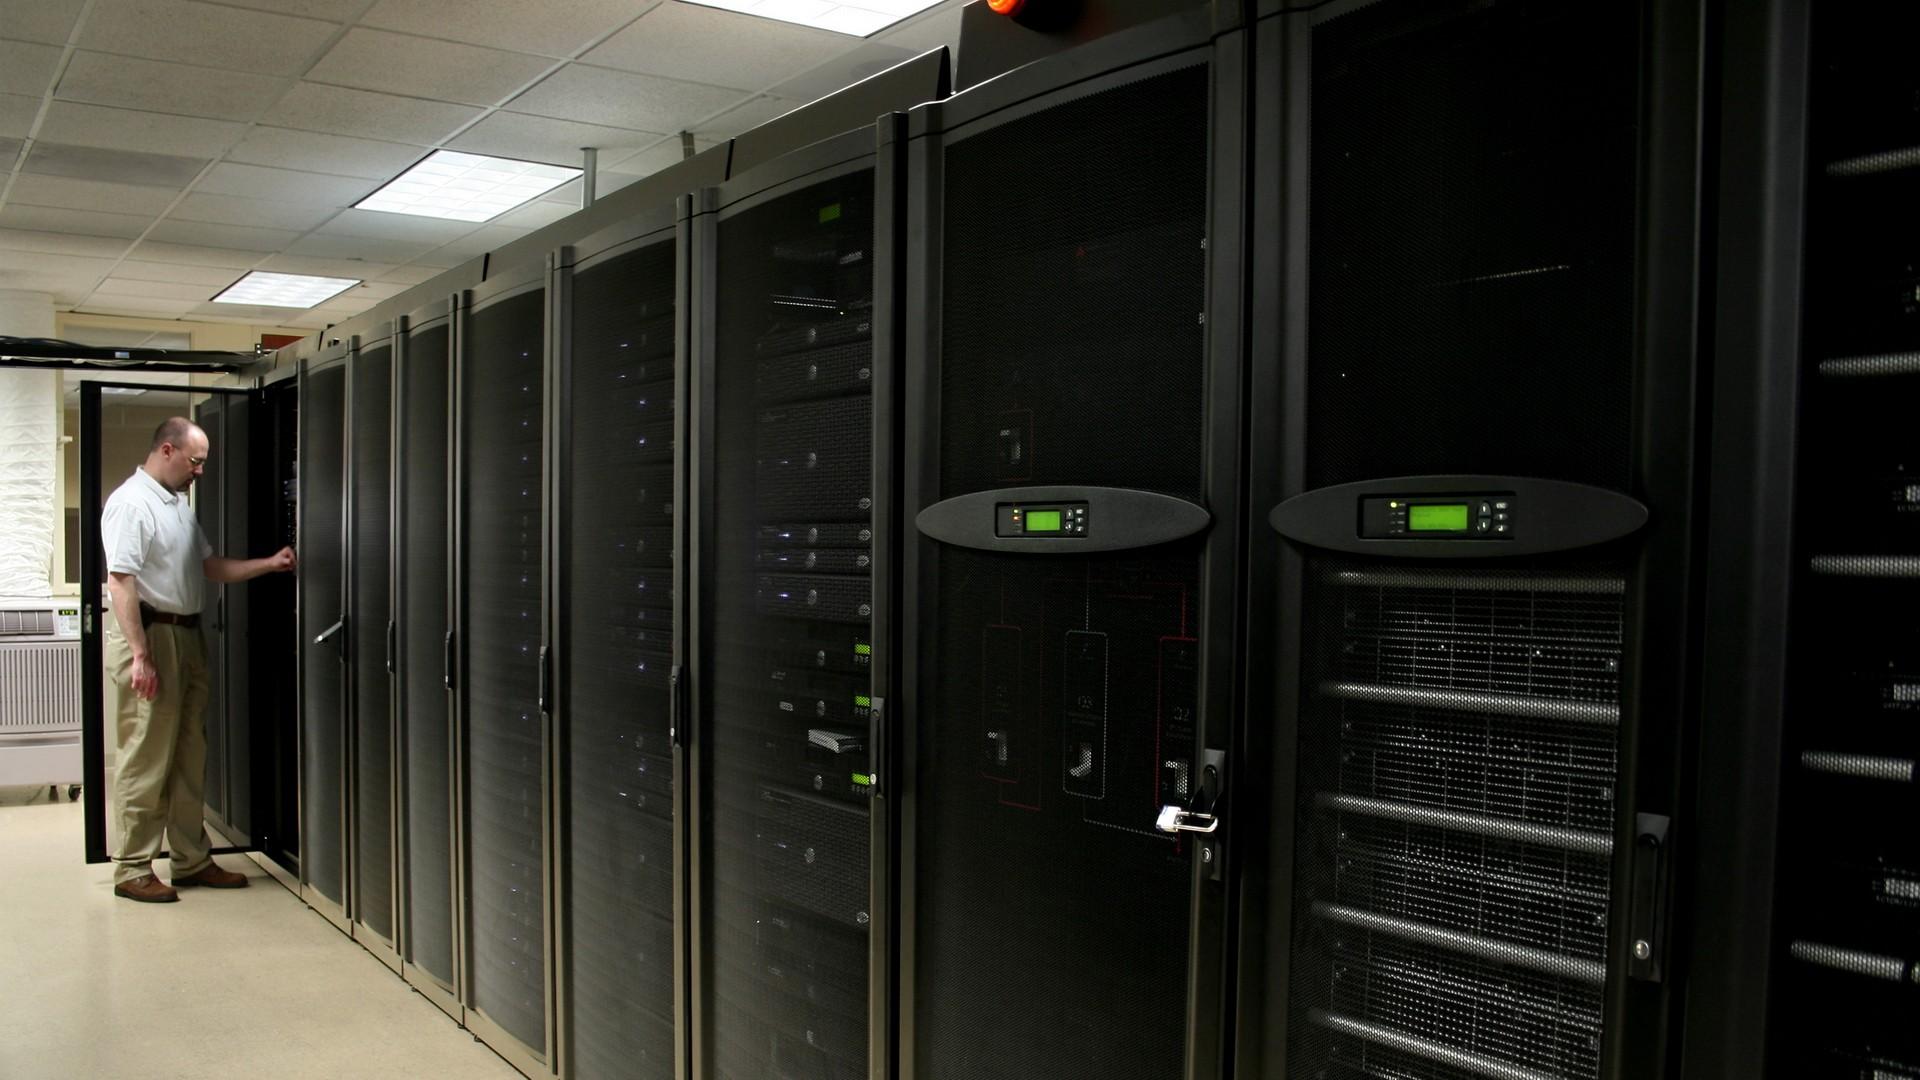 datacenter wallpaper